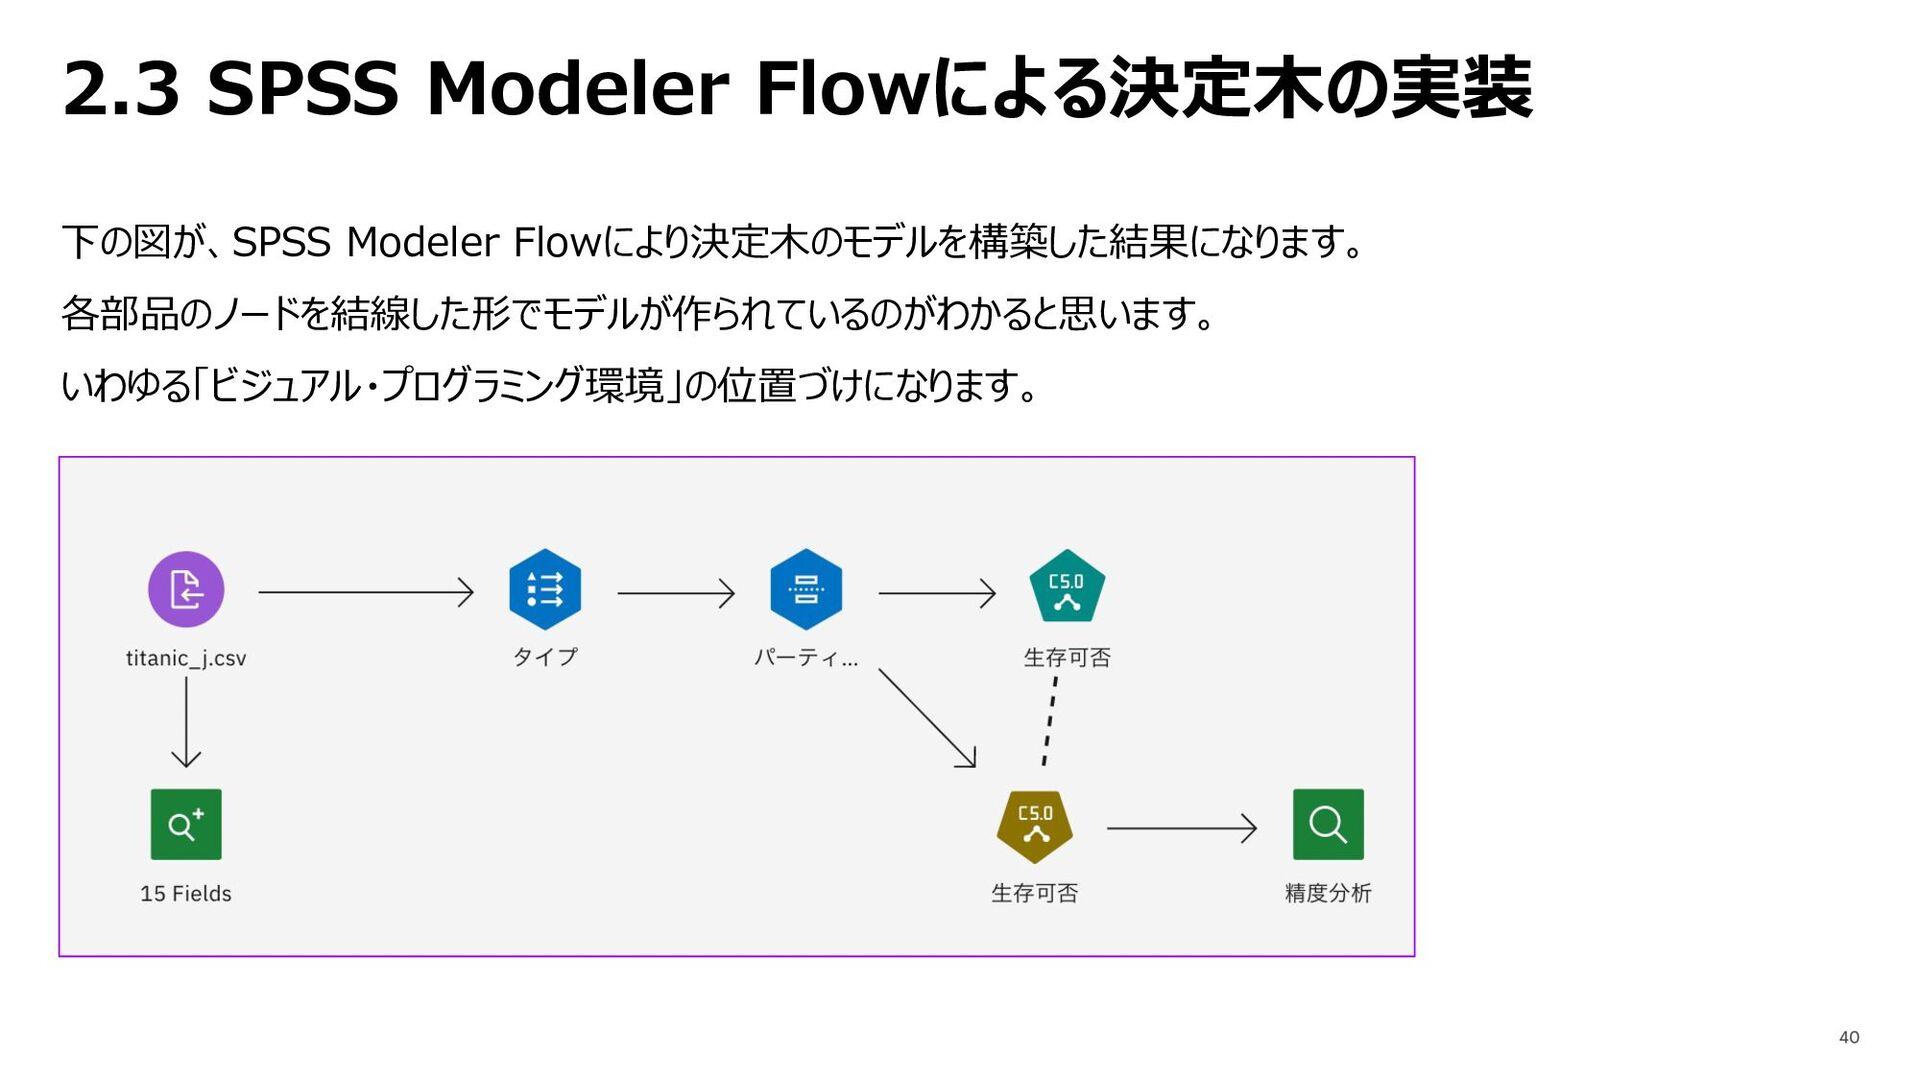 2.3 SPSS Modeler Flowによる決定⽊の実装 下の図が、SPSS Modele...